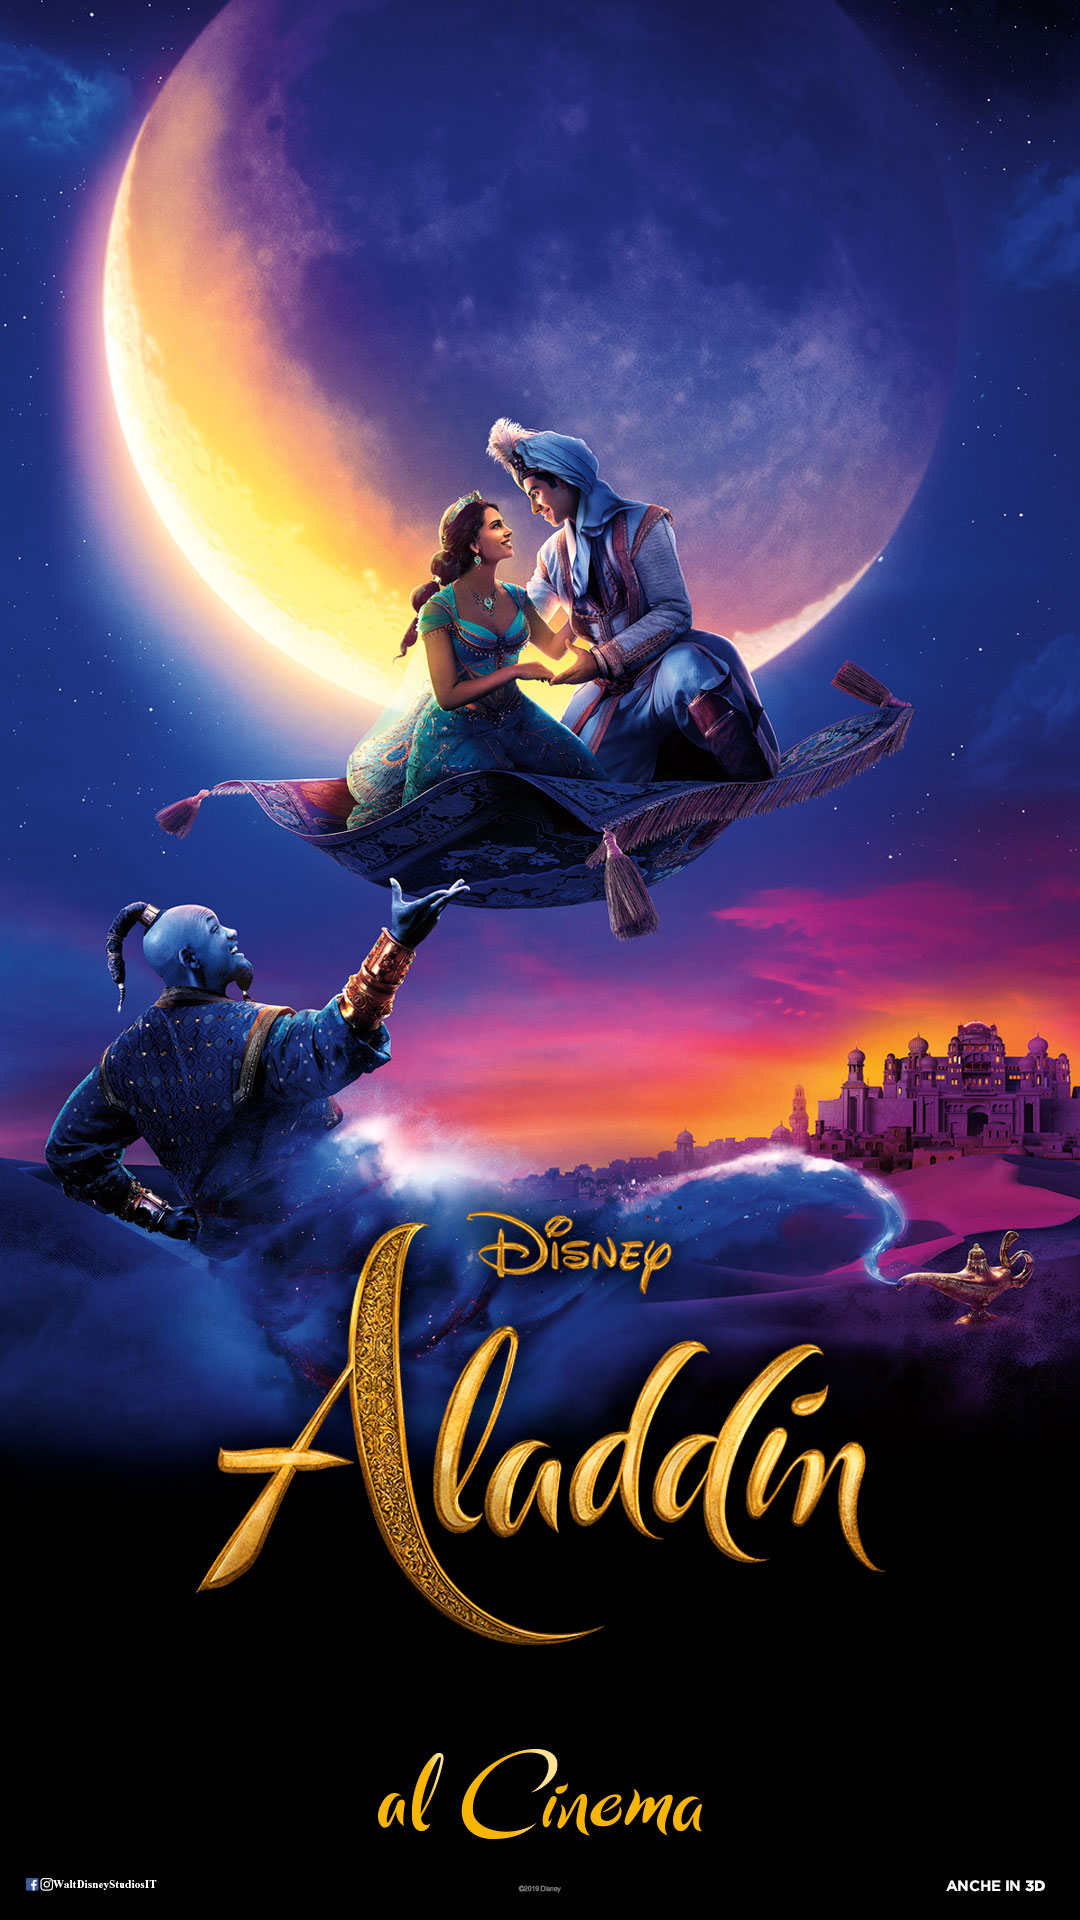 ALADDIN lunedì 1, mercoledì 3, domenica 7: ore 21:15 sabato 6: ore 18:30 #Aladdin